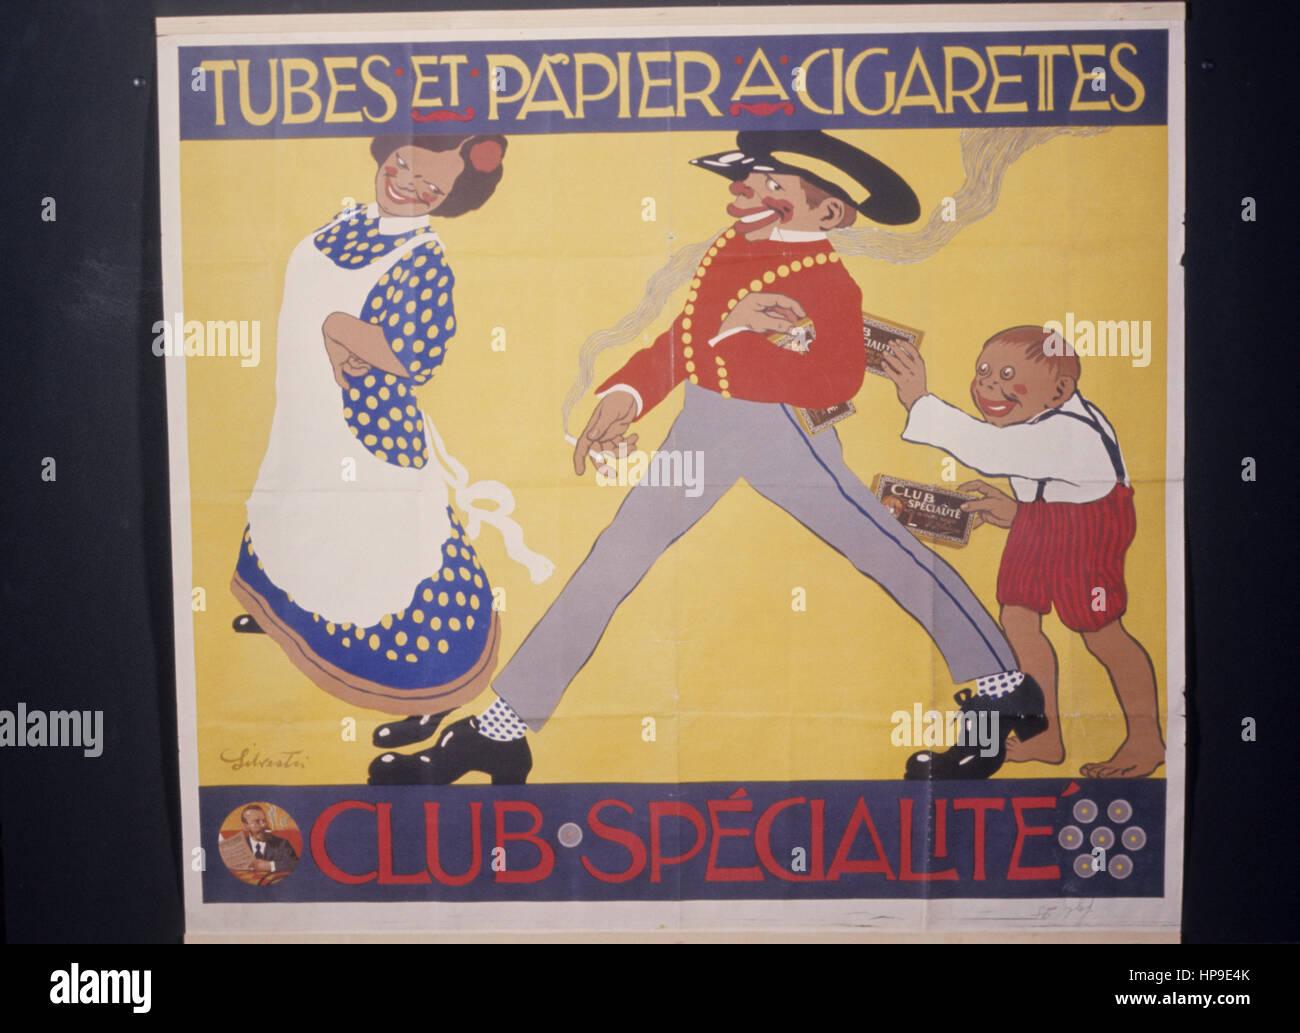 tubes et papier a cigarettes,advertising '900 - Stock Image